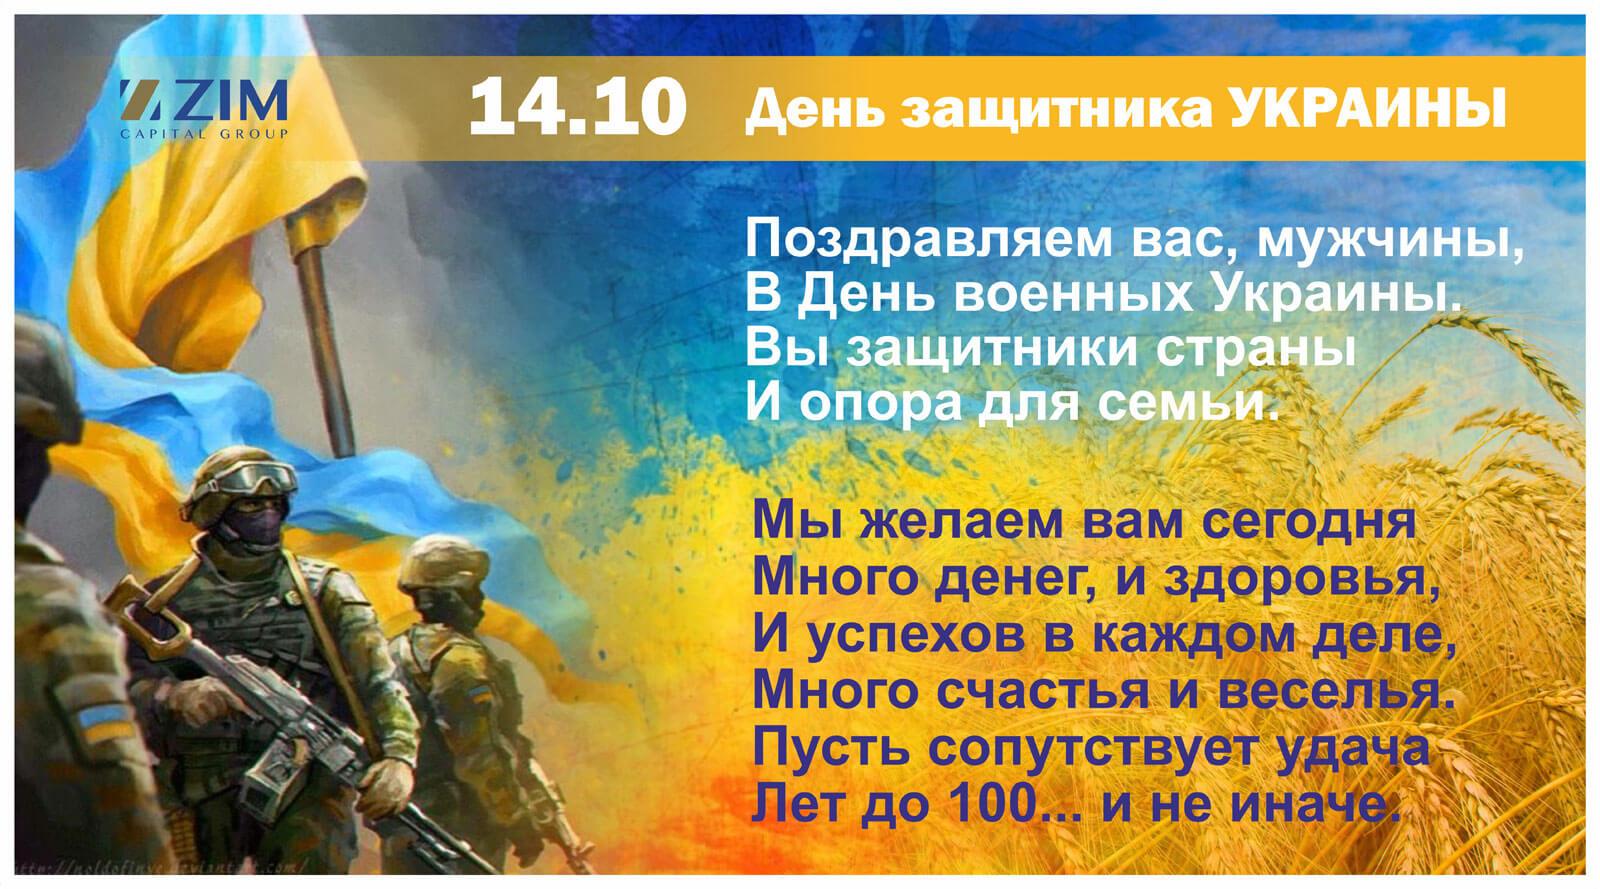 С днём защитника украины поздравления с